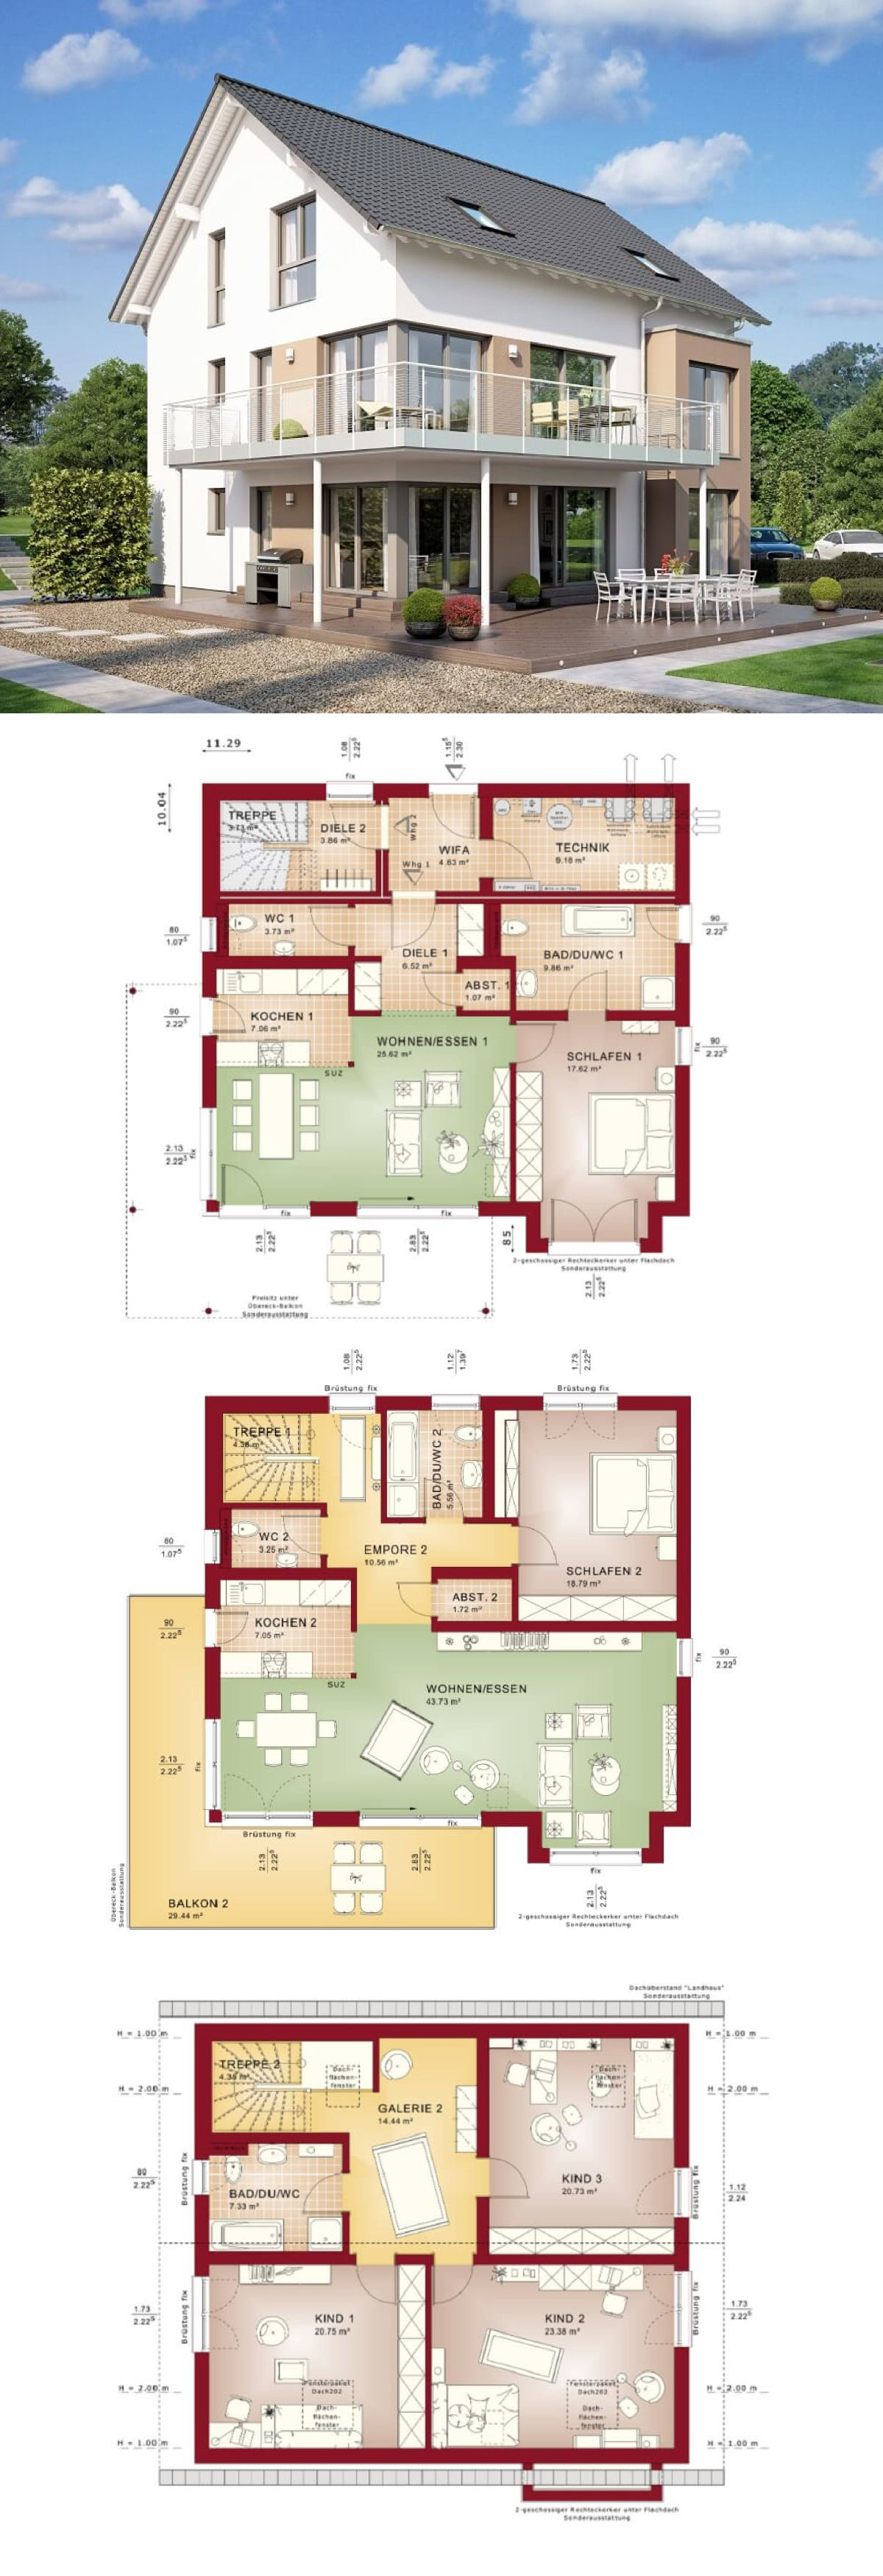 zweifamilienhaus mit satteldach und bereck balkon grundriss haus celebration 275 v3 bien. Black Bedroom Furniture Sets. Home Design Ideas